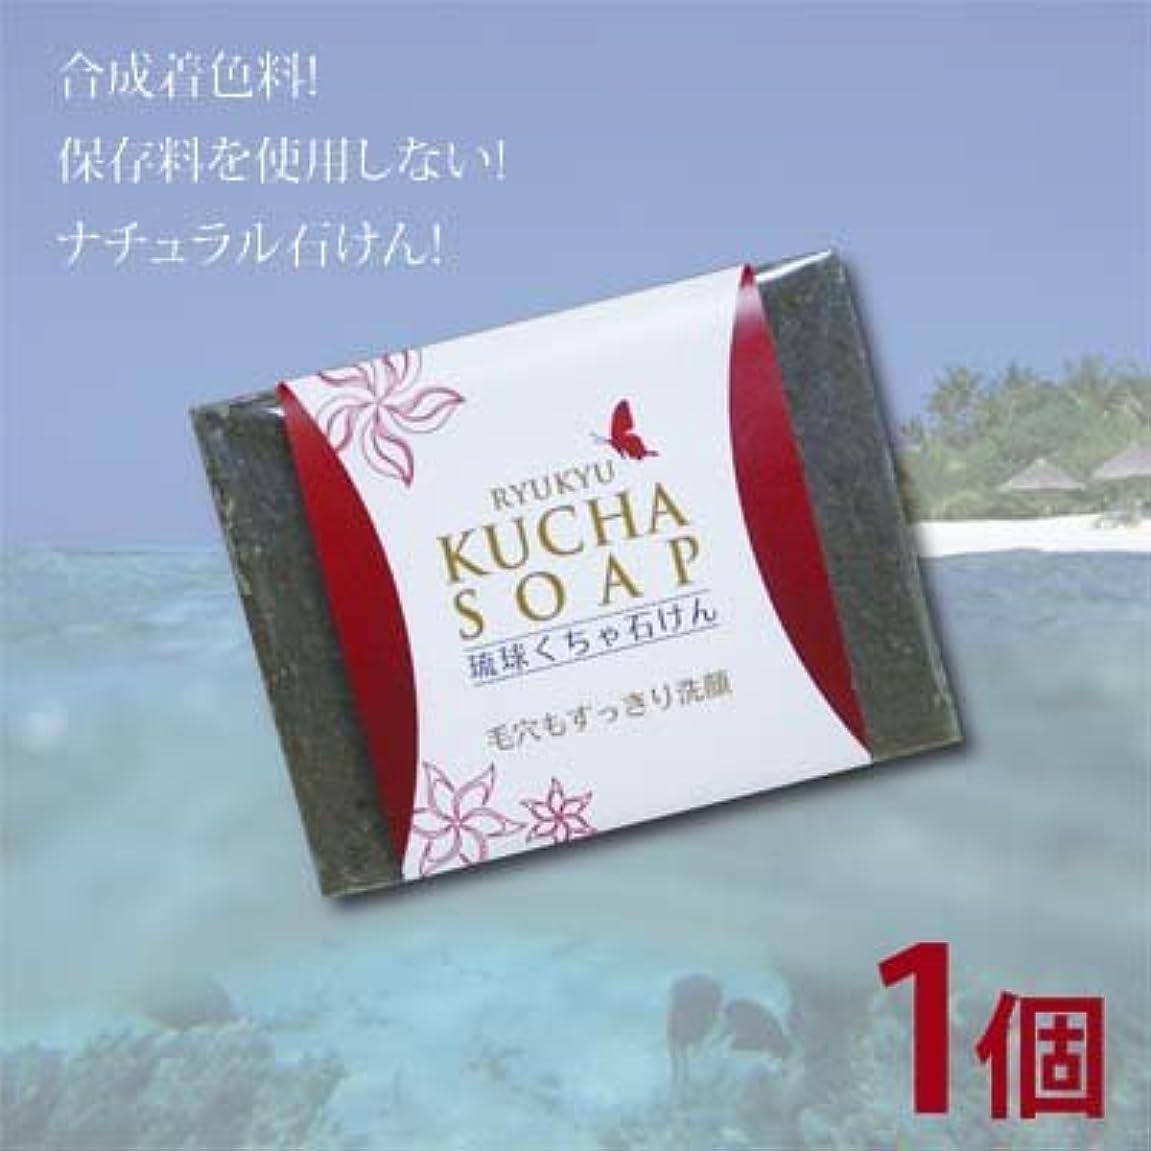 ブラウス気難しい会社沖縄産琉球クチャ石けん1個(120g)